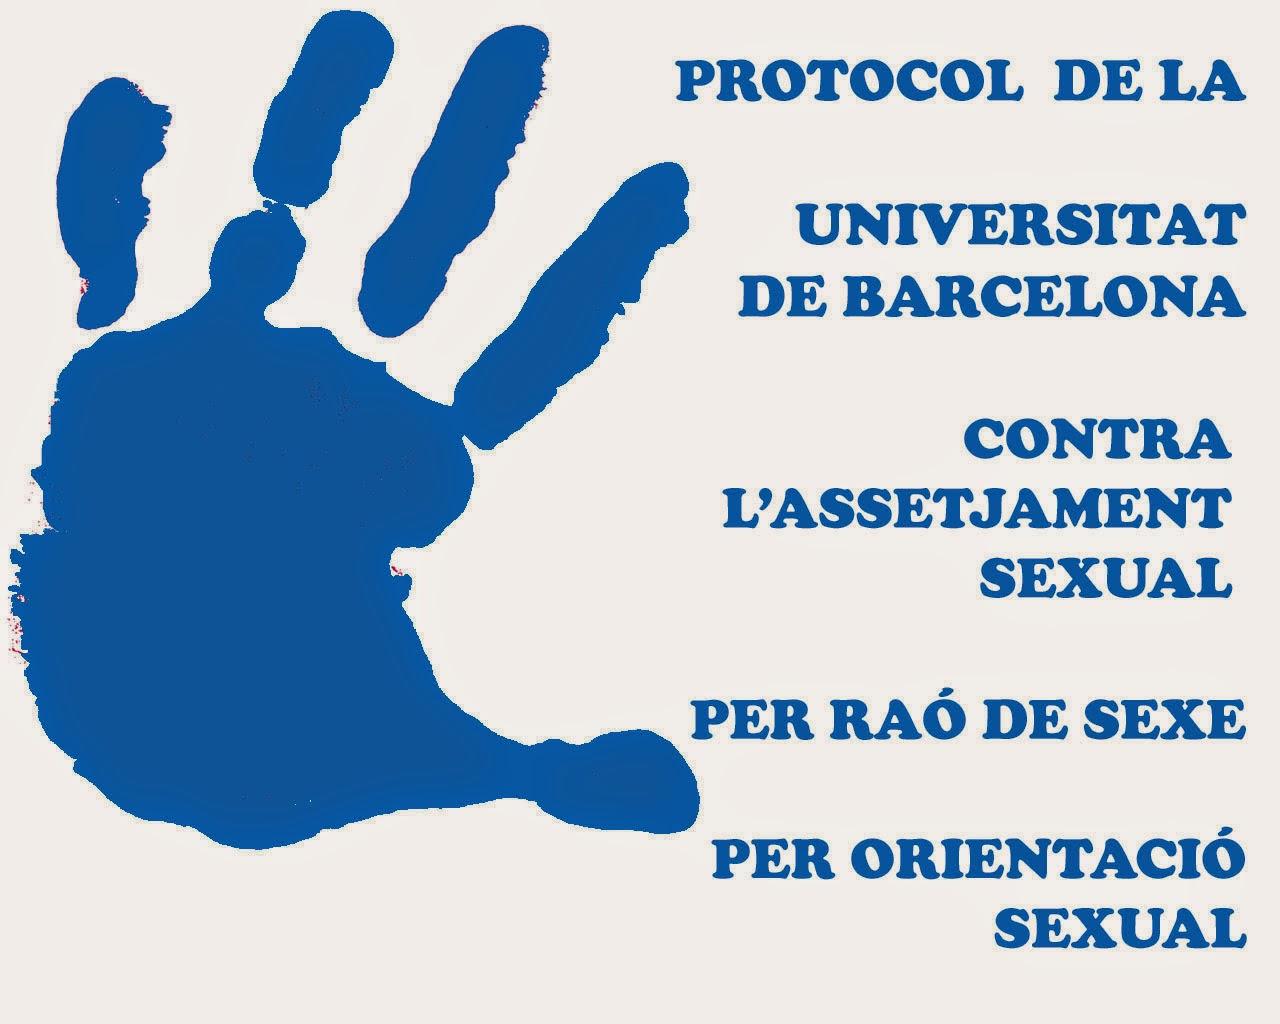 http://www.ub.edu/bellesarts/bbaa/docs/protocol_violencia.pdf